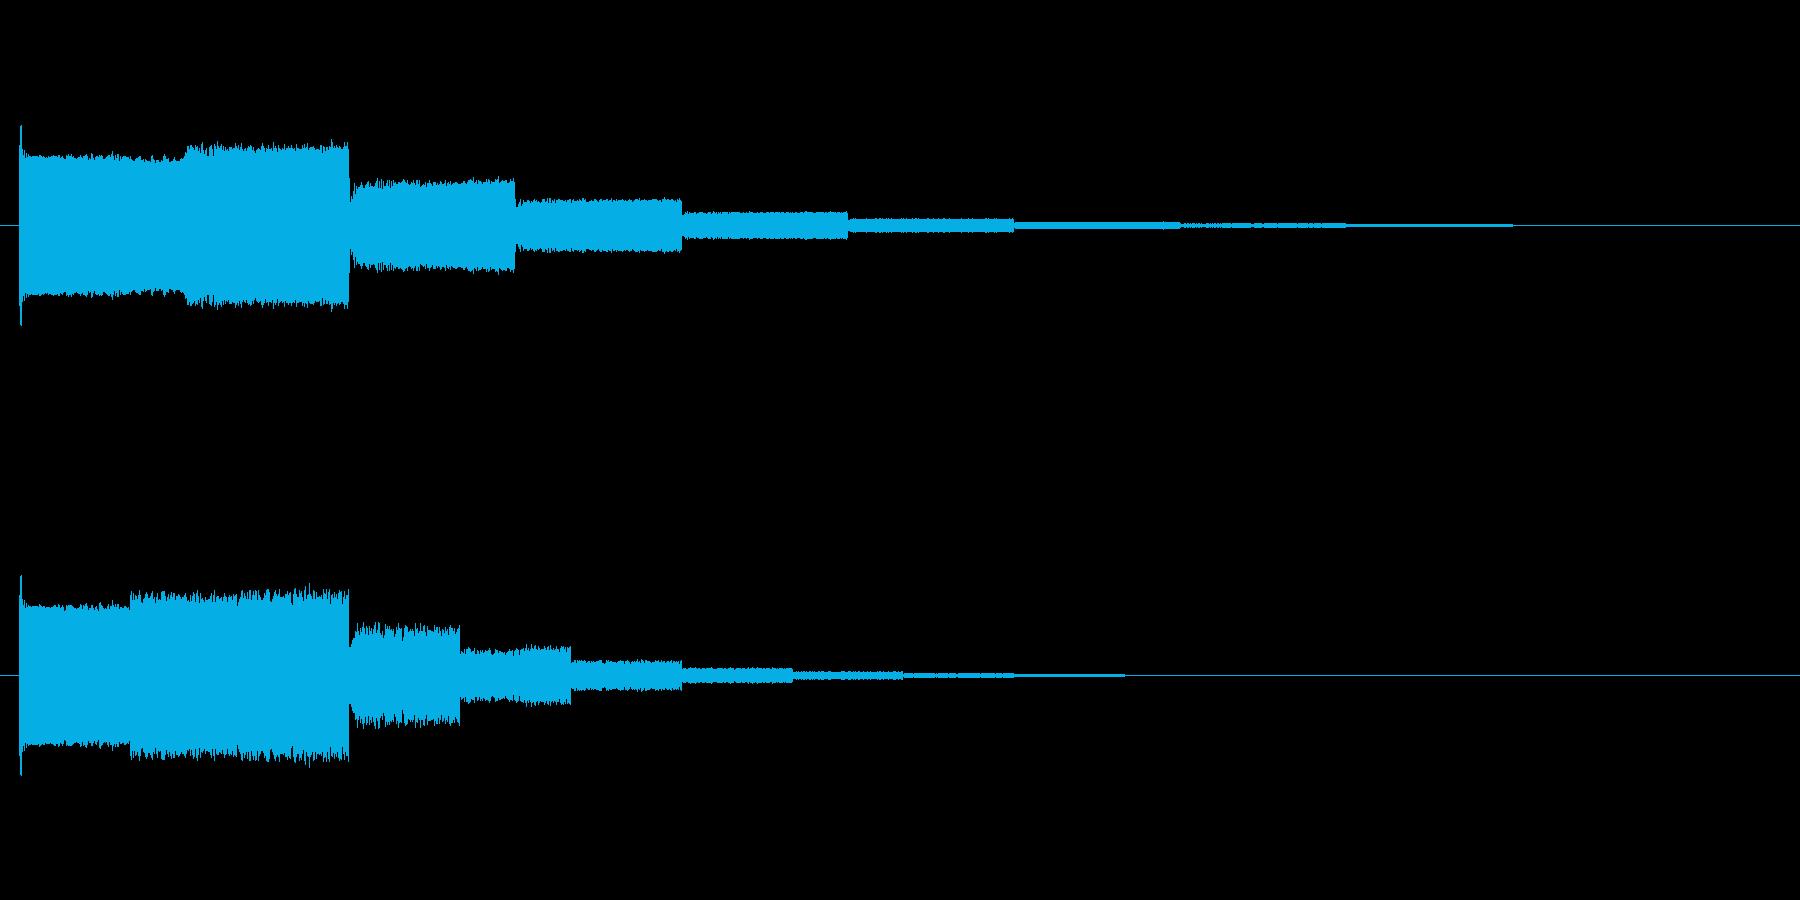 効果音ポワーンの再生済みの波形